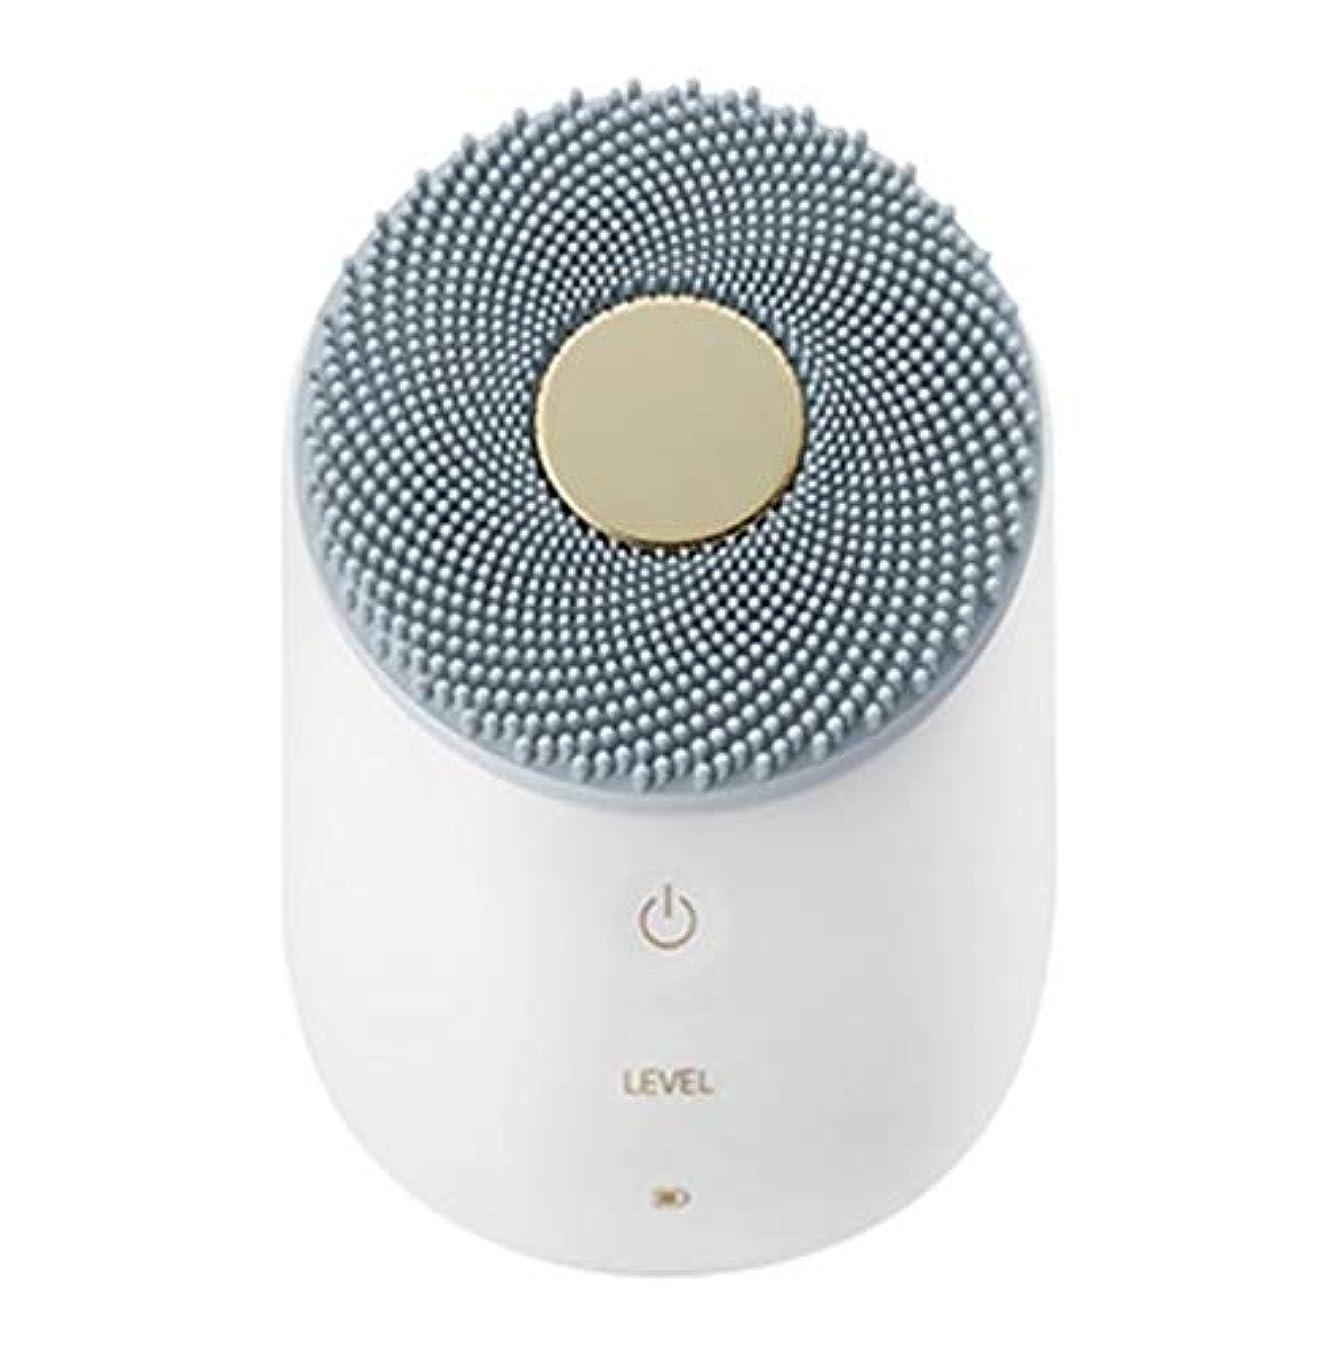 適合しました補体注釈(LGエレクトロニクス) LG Electronics Pra.L 超音波 振動 クレンジング 美肌 フェイシャル 洗顔 ブラシ [並行輸入品]